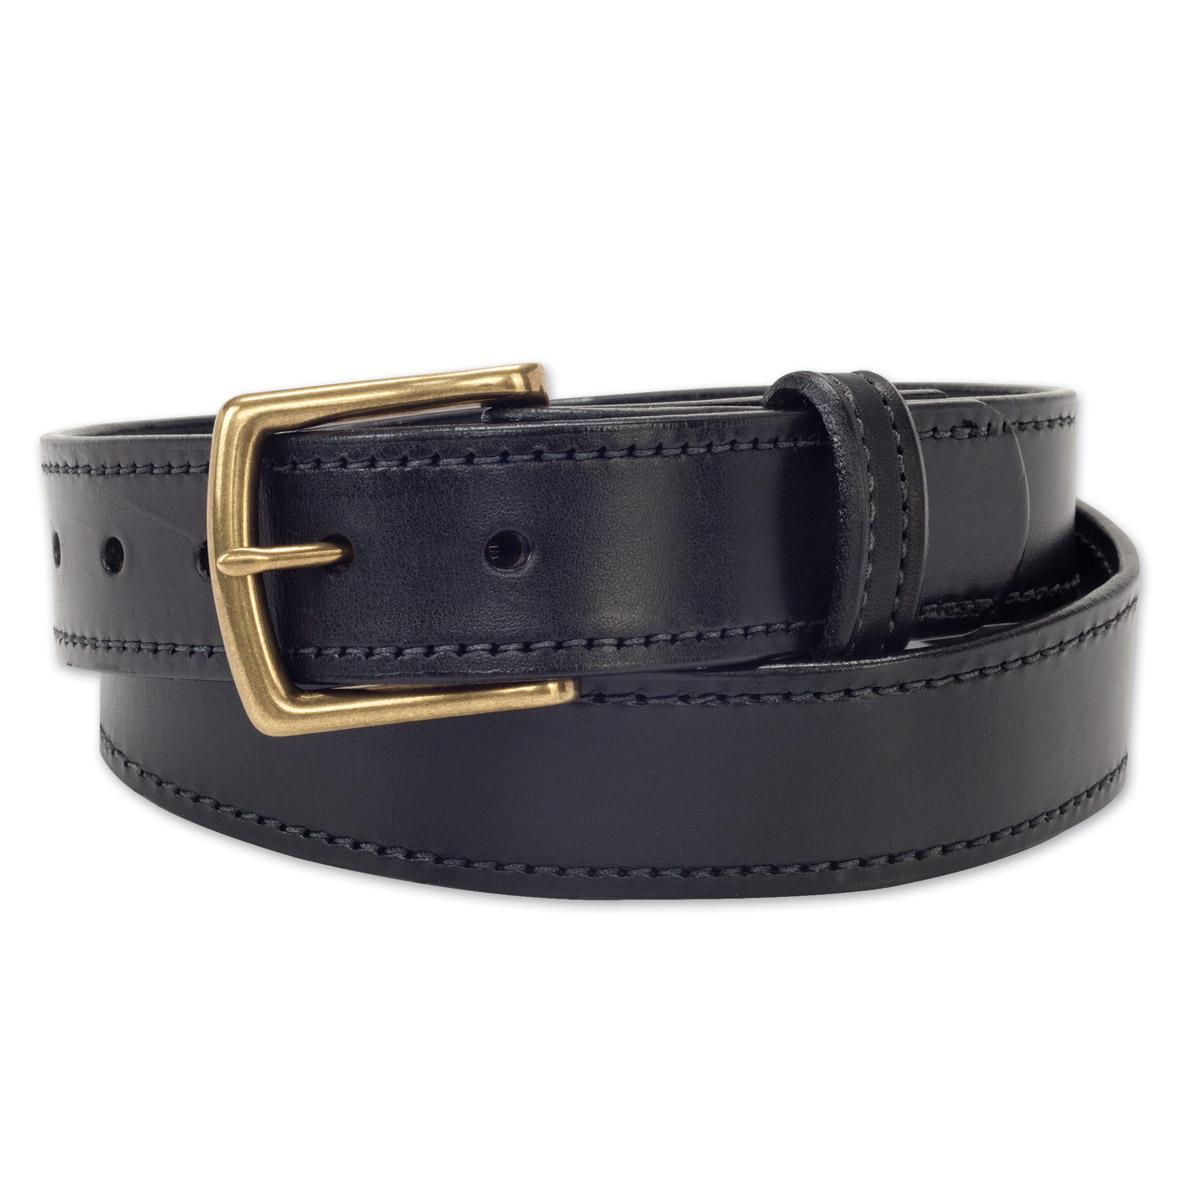 Roland Sands DesignDebo Black Belt